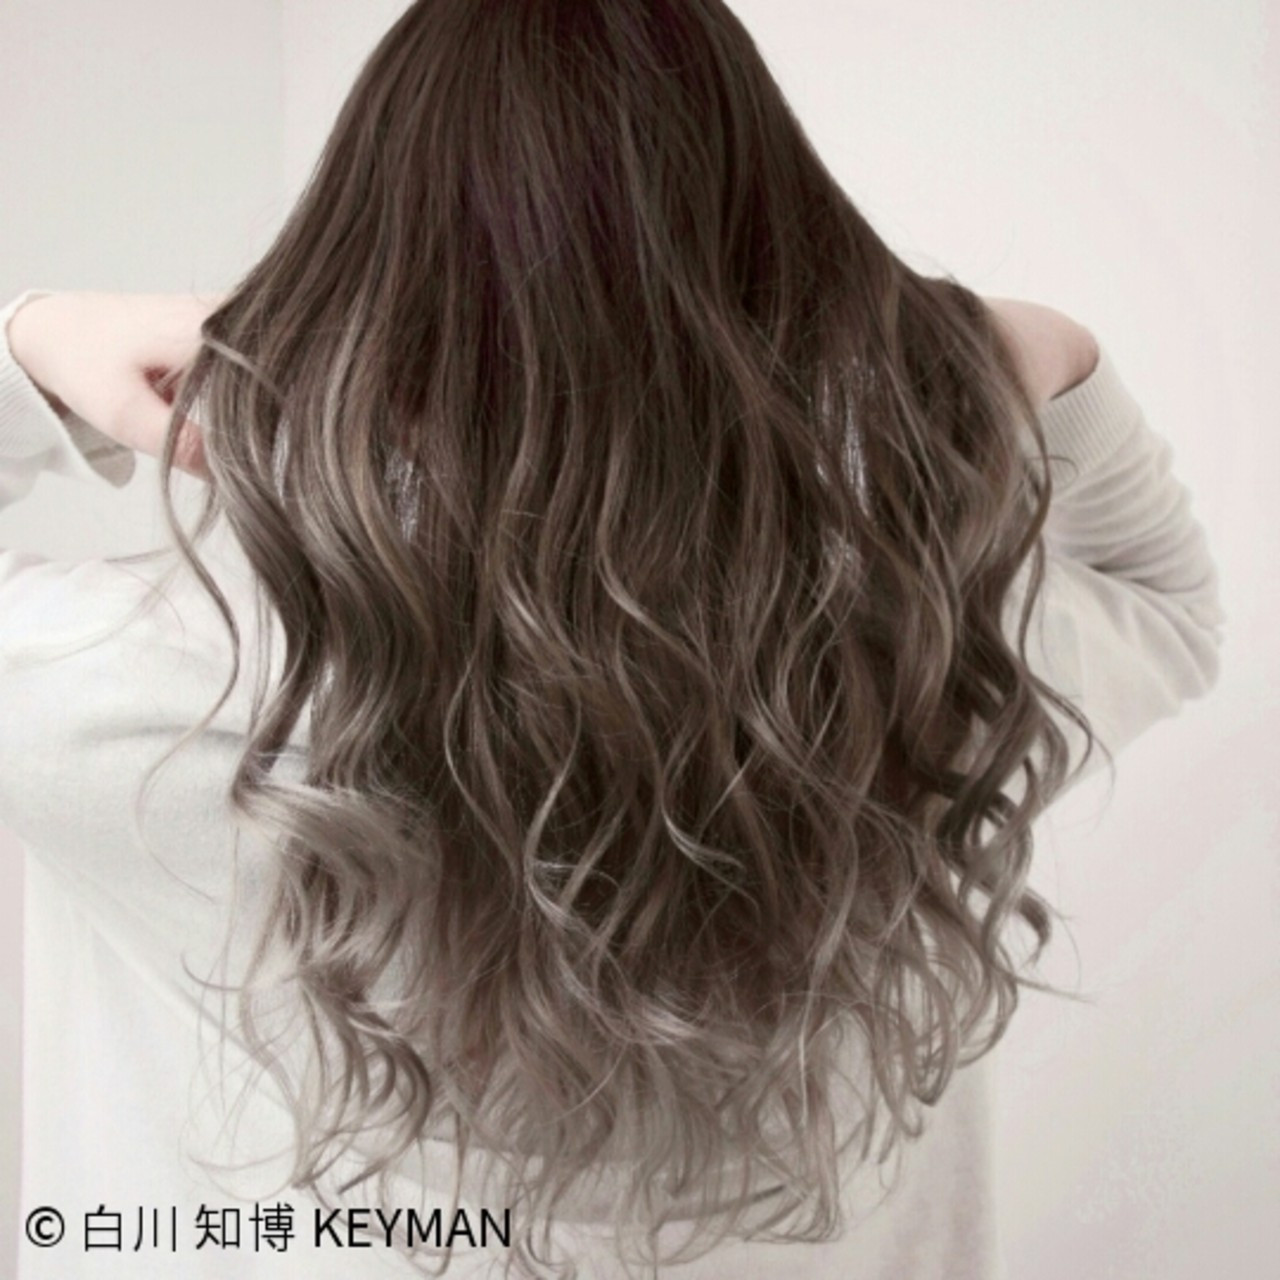 ニュアンス ロング 上品 外国人風 ヘアスタイルや髪型の写真・画像